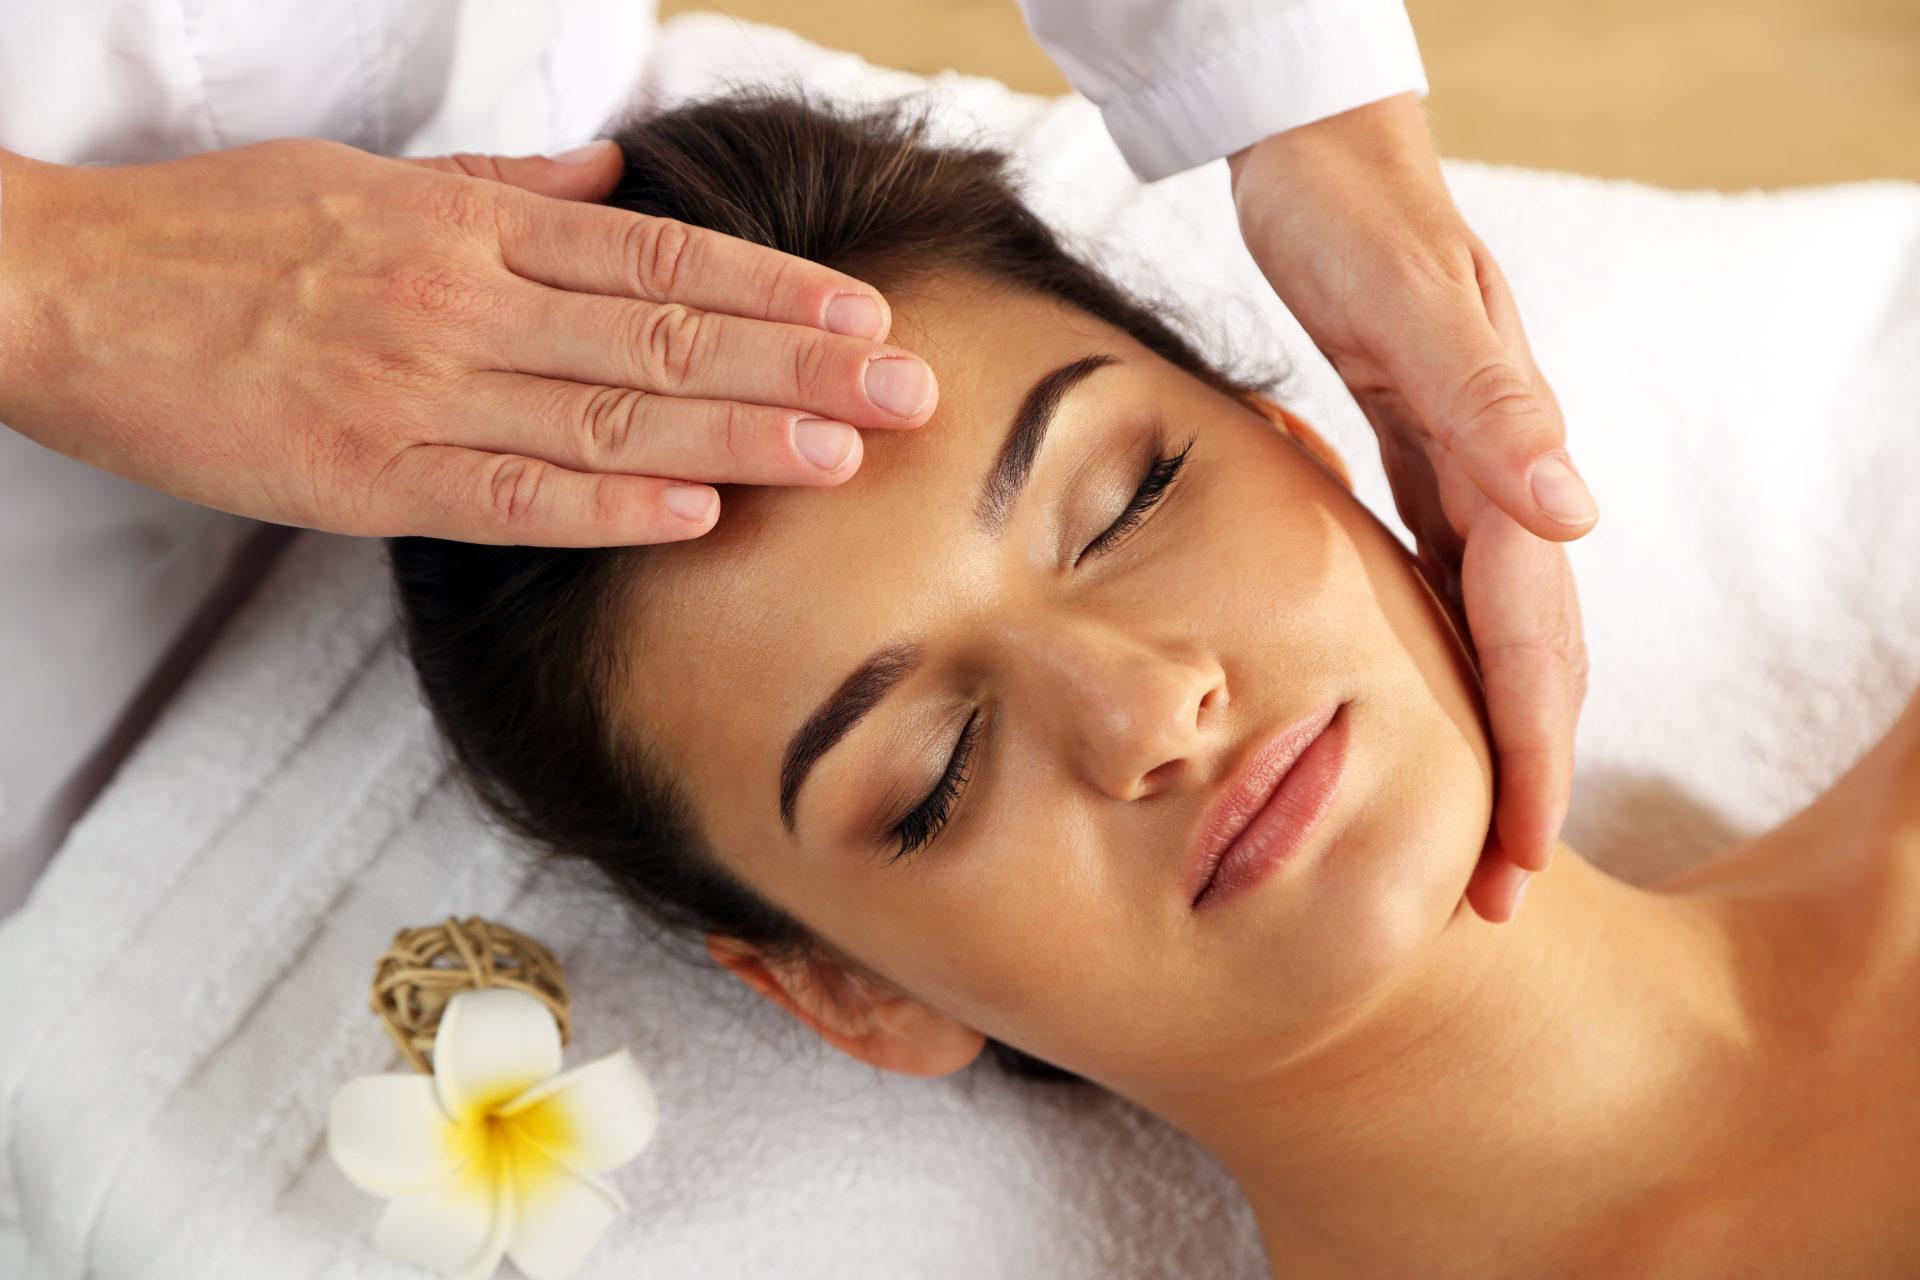 Правила выполнения лимфодренажного массажа